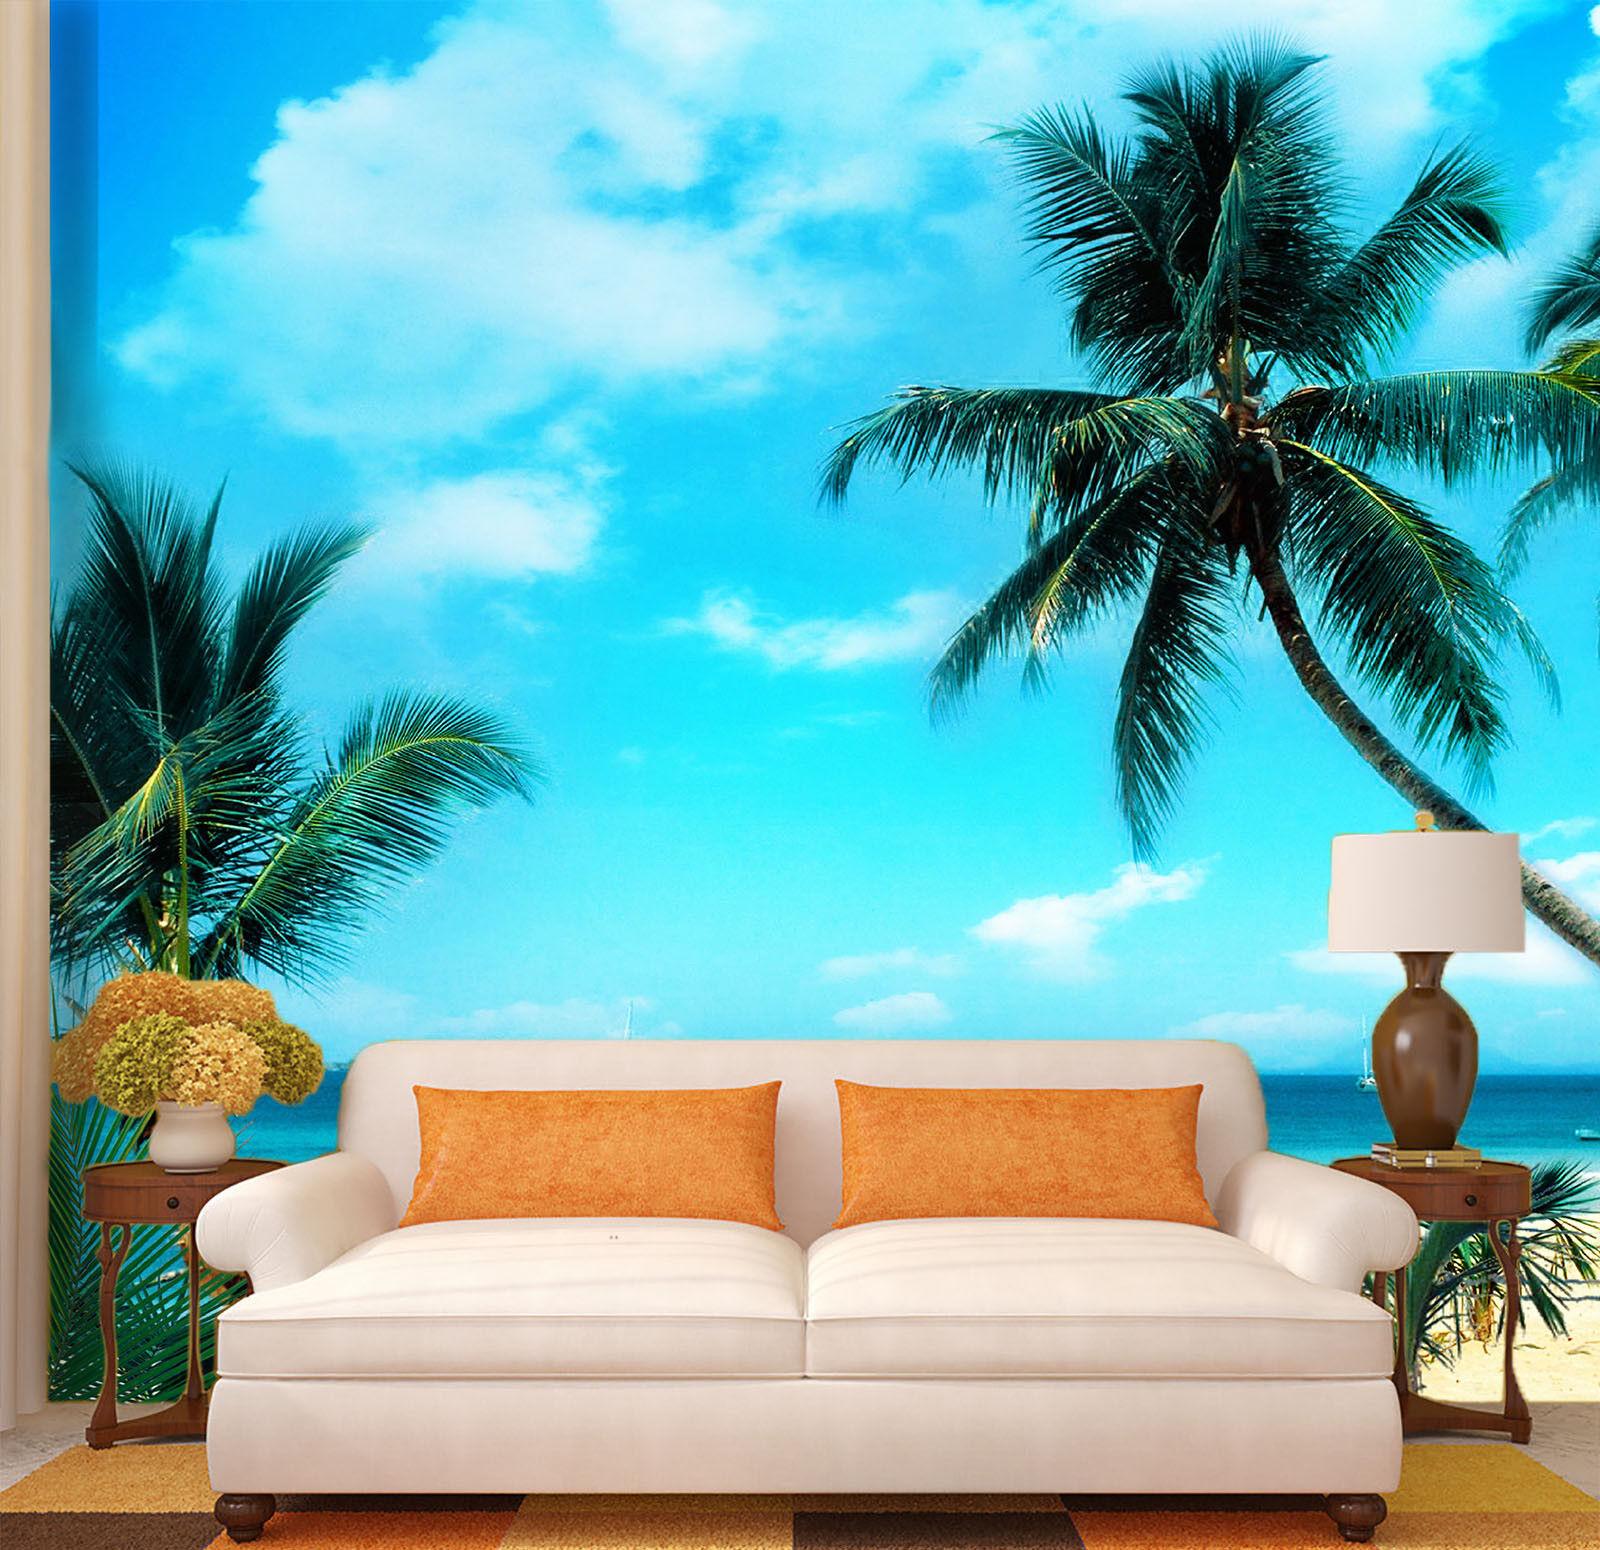 3D Plam Sky 4277 Wallpaper Murals Wall Print Wallpaper Mural AJ WALL UK Lemon